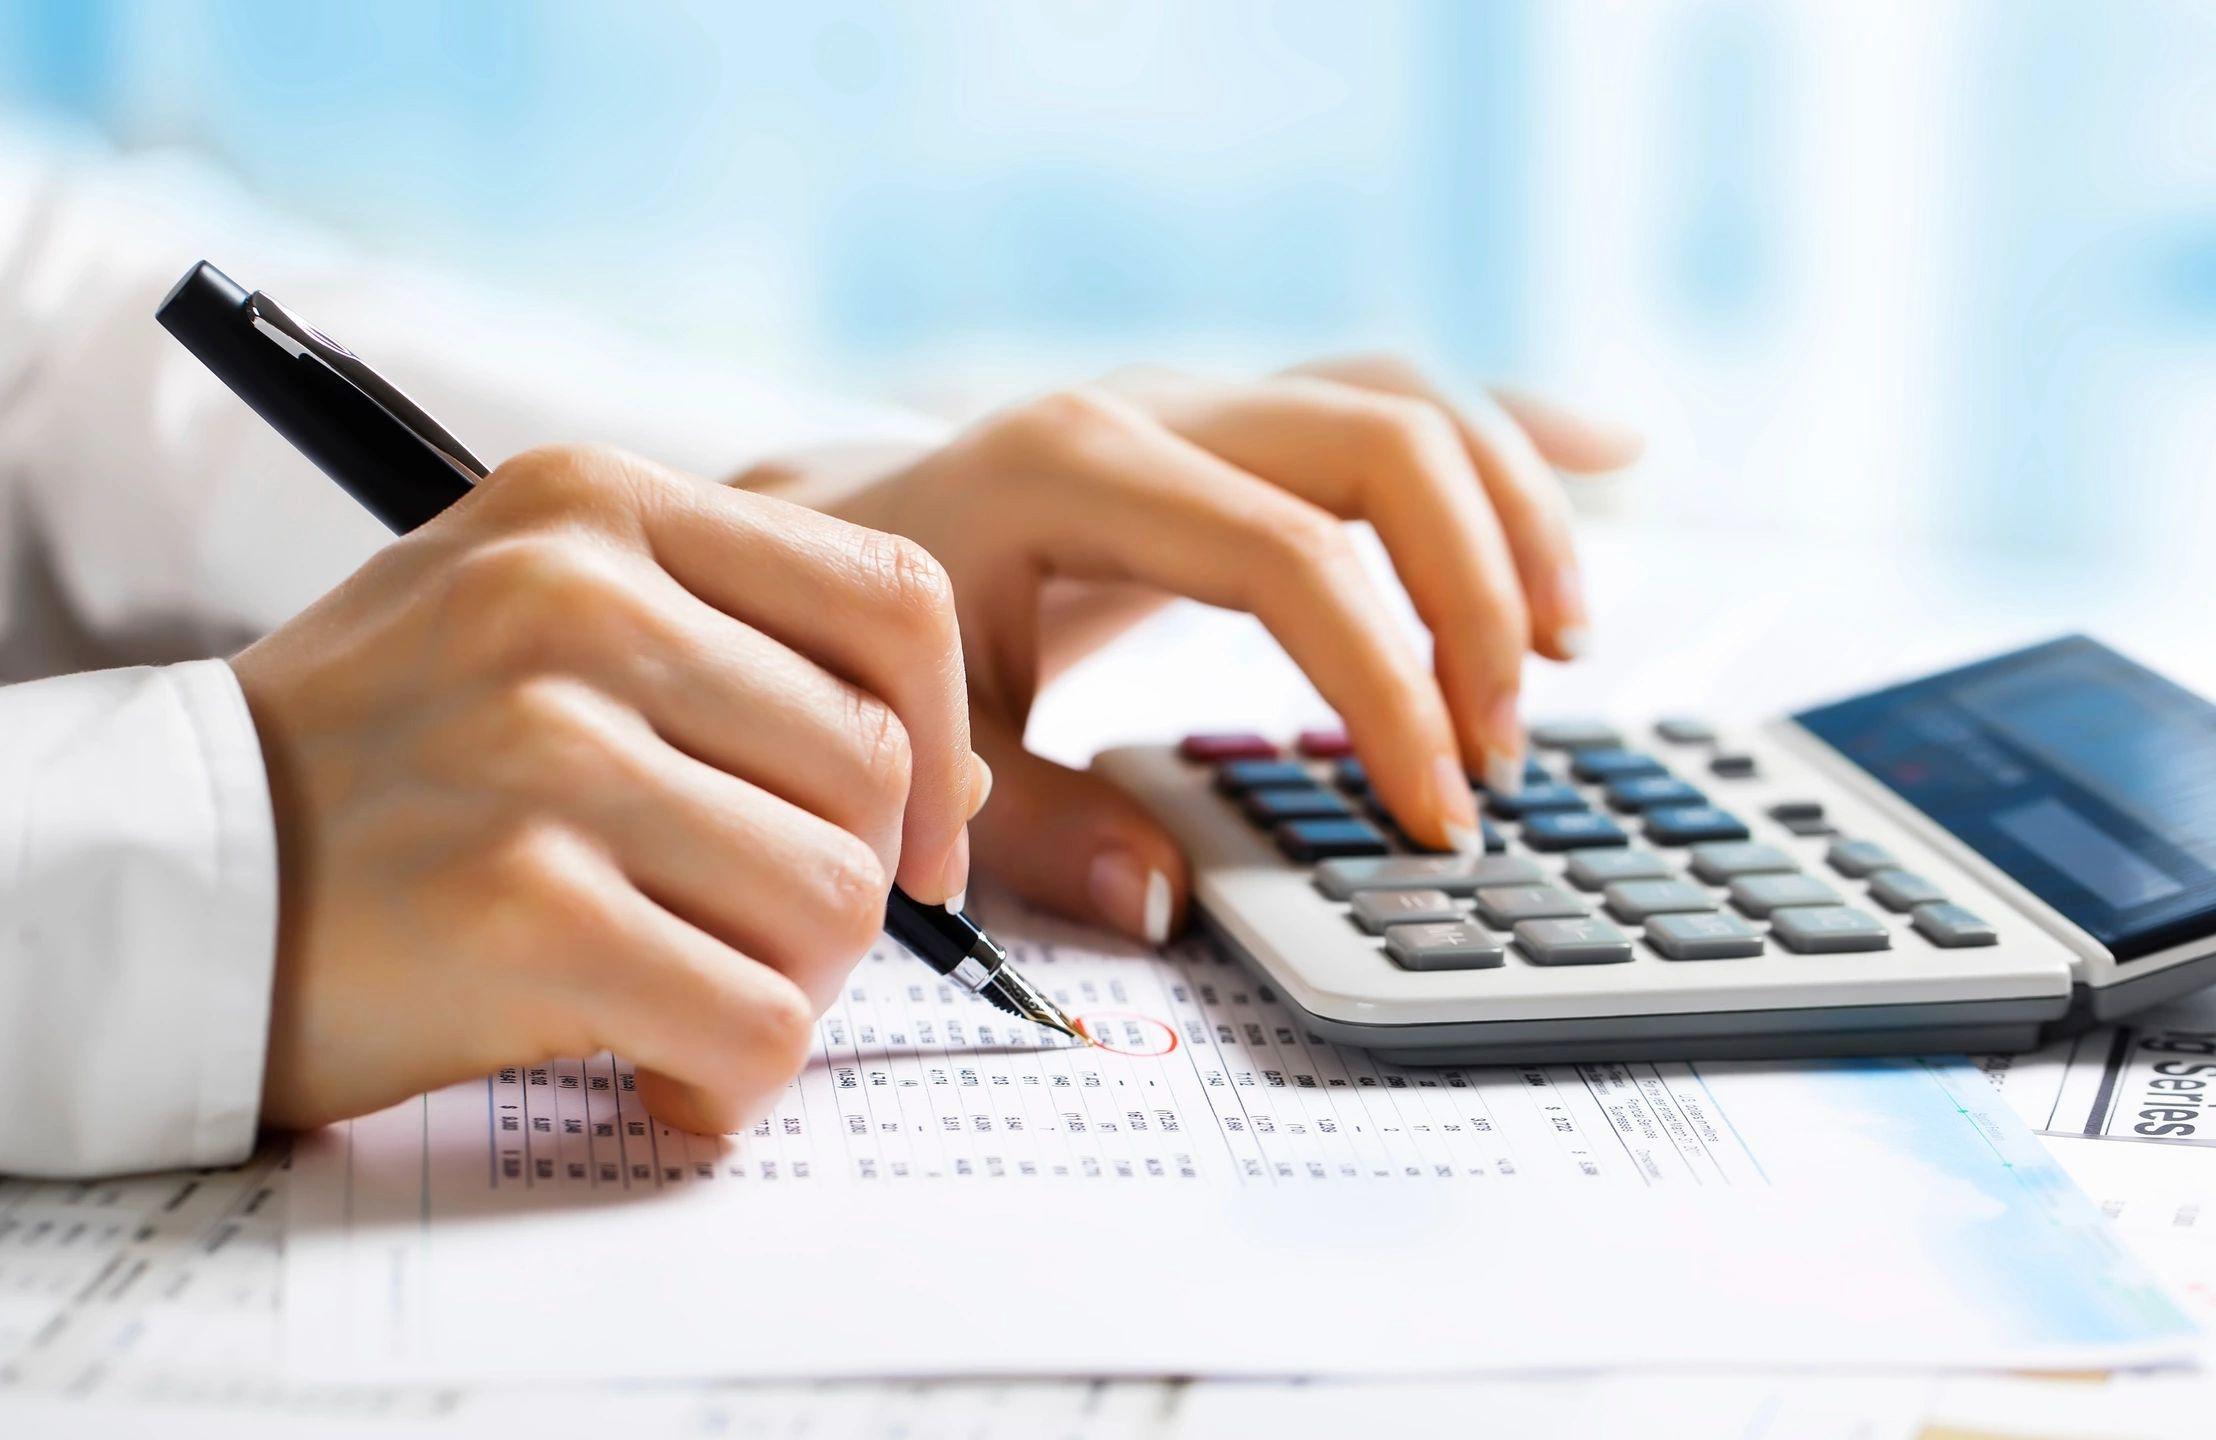 Як розстрочити податковий борг? До кого звертатись?   ПОРАДИ ЮРИСТА